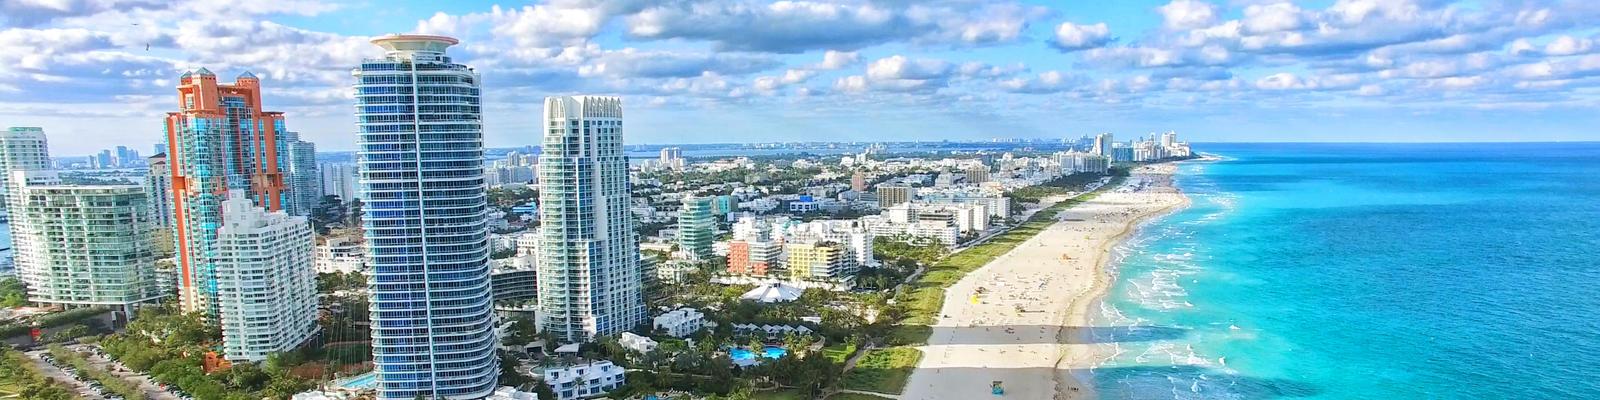 Miami (Photo:Patricia Marroquin/Shutterstock)